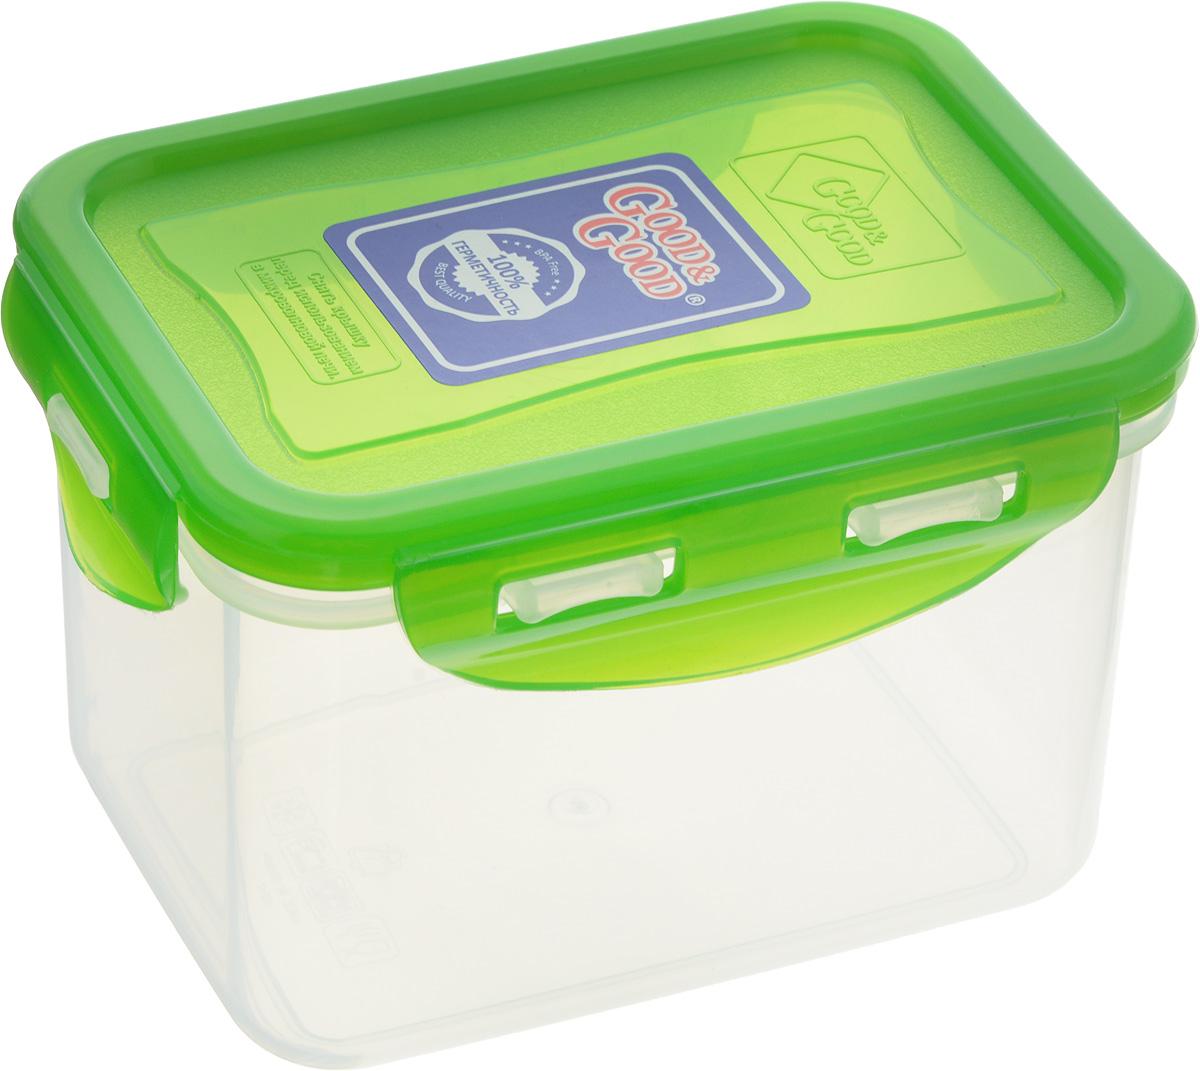 Контейнер пищевой Good&Good, цвет: прозрачный, зеленый, 630 мл02-2/LIDCOL_зеленыйПрямоугольный контейнер Good&Good изготовлен из высококачественного полипропилена и предназначен для хранения любых пищевых продуктов. Благодаря особым технологиям изготовления, лотки в течение времени службы не меняют цвет и не пропитываются запахами. Крышка с силиконовой вставкой герметично защелкивается специальным механизмом. Контейнер Good&Good удобен для ежедневного использования в быту. Можно мыть в посудомоечной машине и использовать в микроволновой печи. Размер контейнера (с учетом крышки): 13 х 10 х 8,5 см.